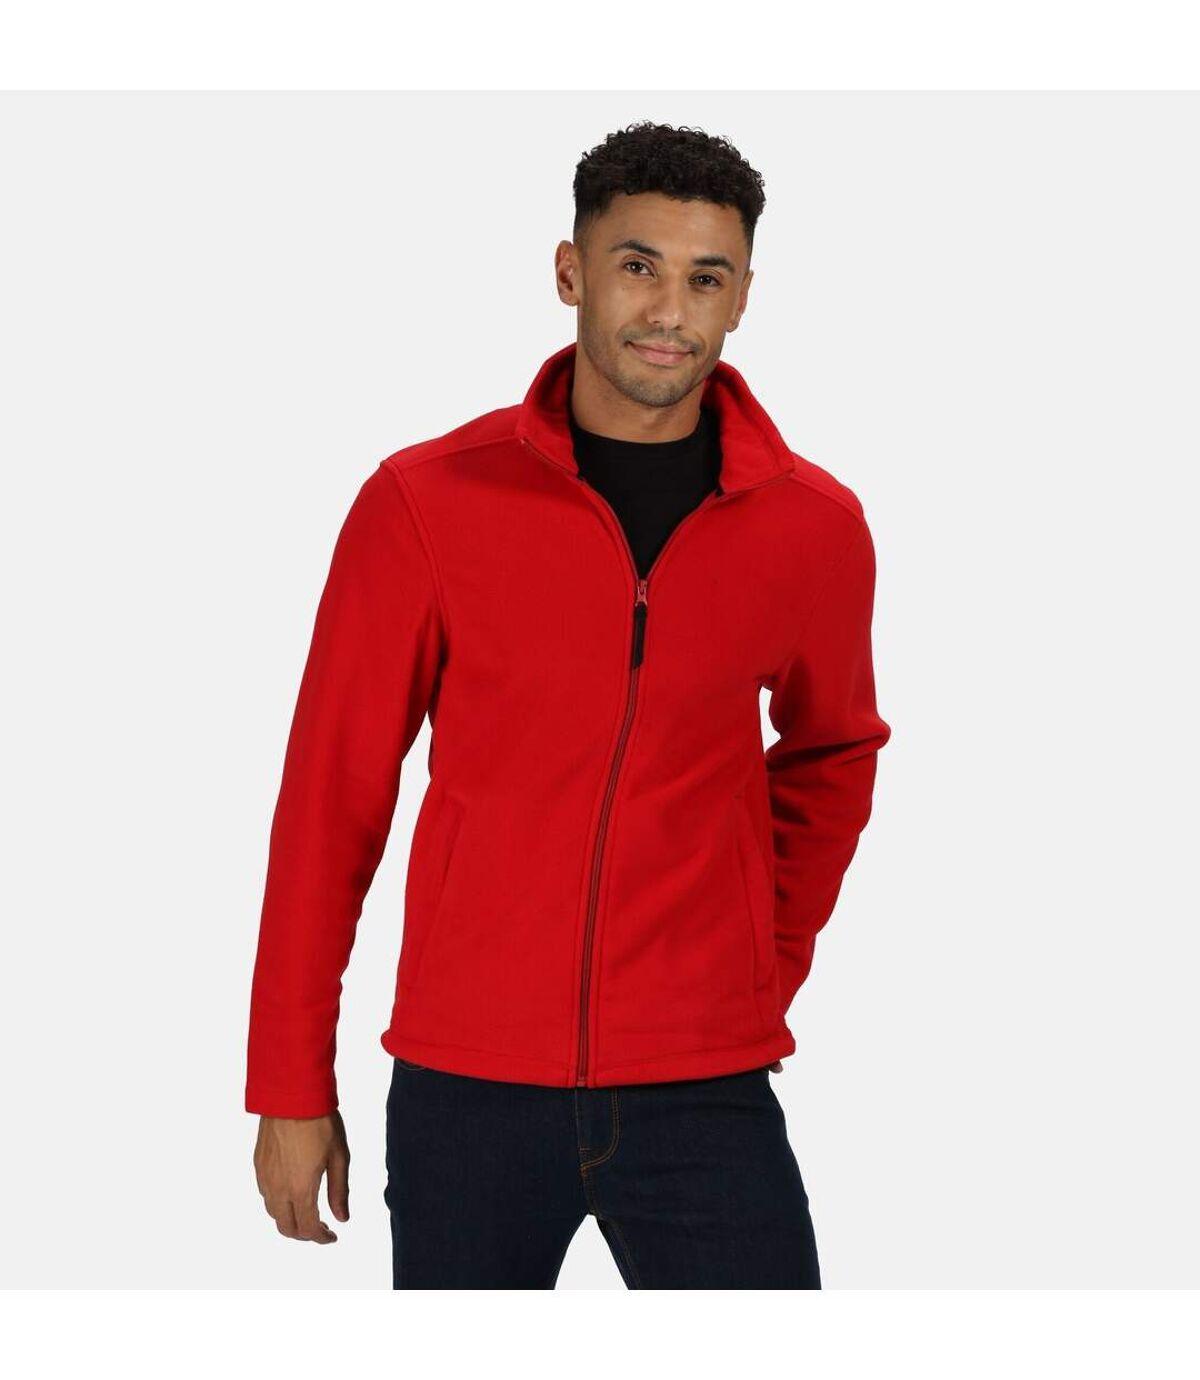 Regatta - Veste polaire - Homme (Rouge) - UTRG1551